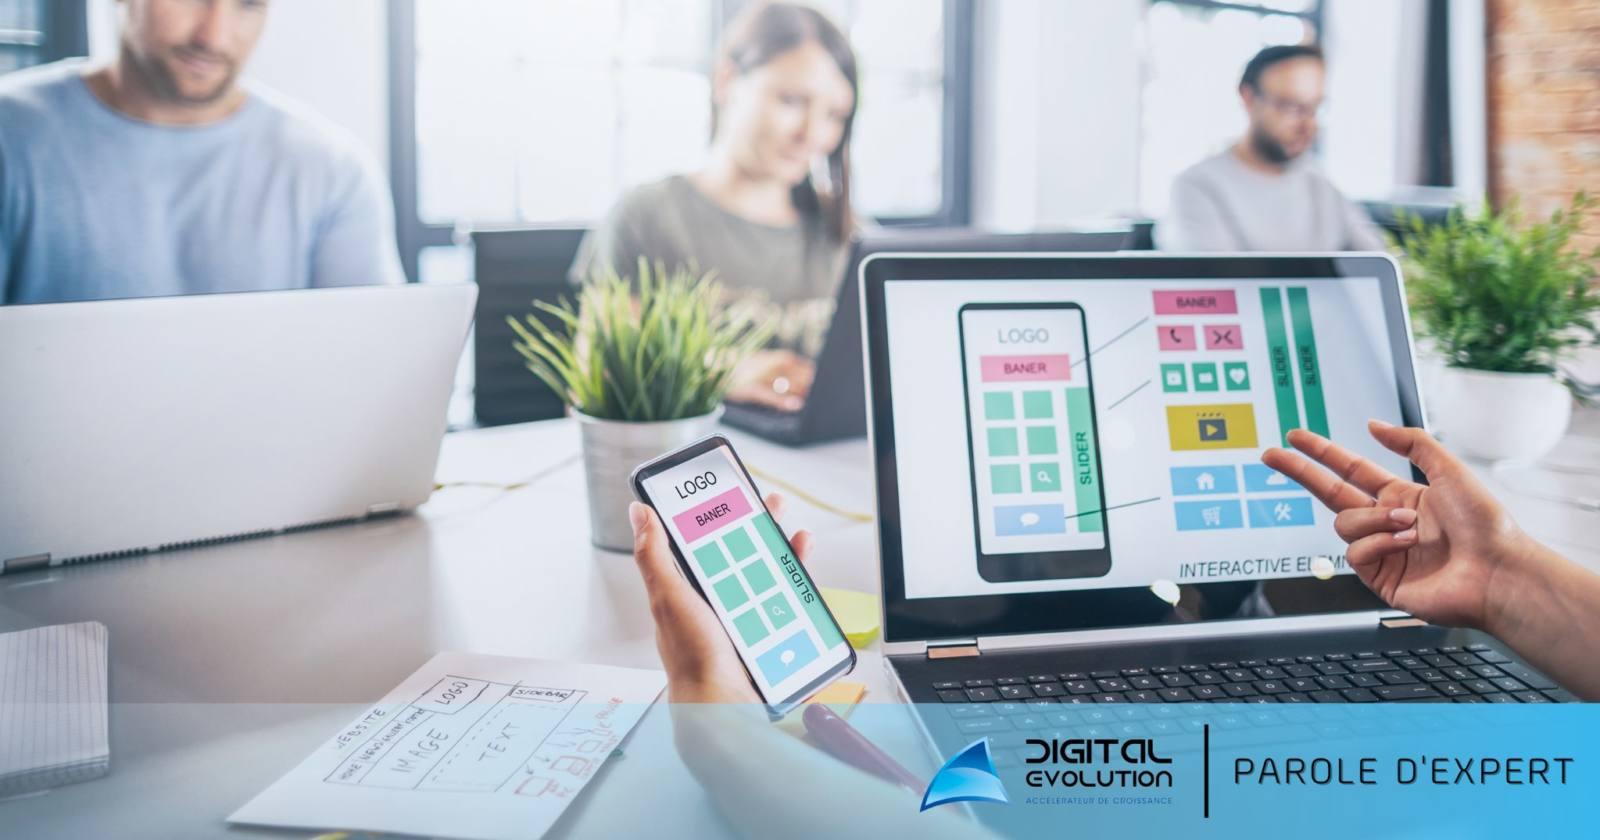 Ce que vous devez optimiser à tout prix pour une expérience utilisateur optimale - Digital Evolution